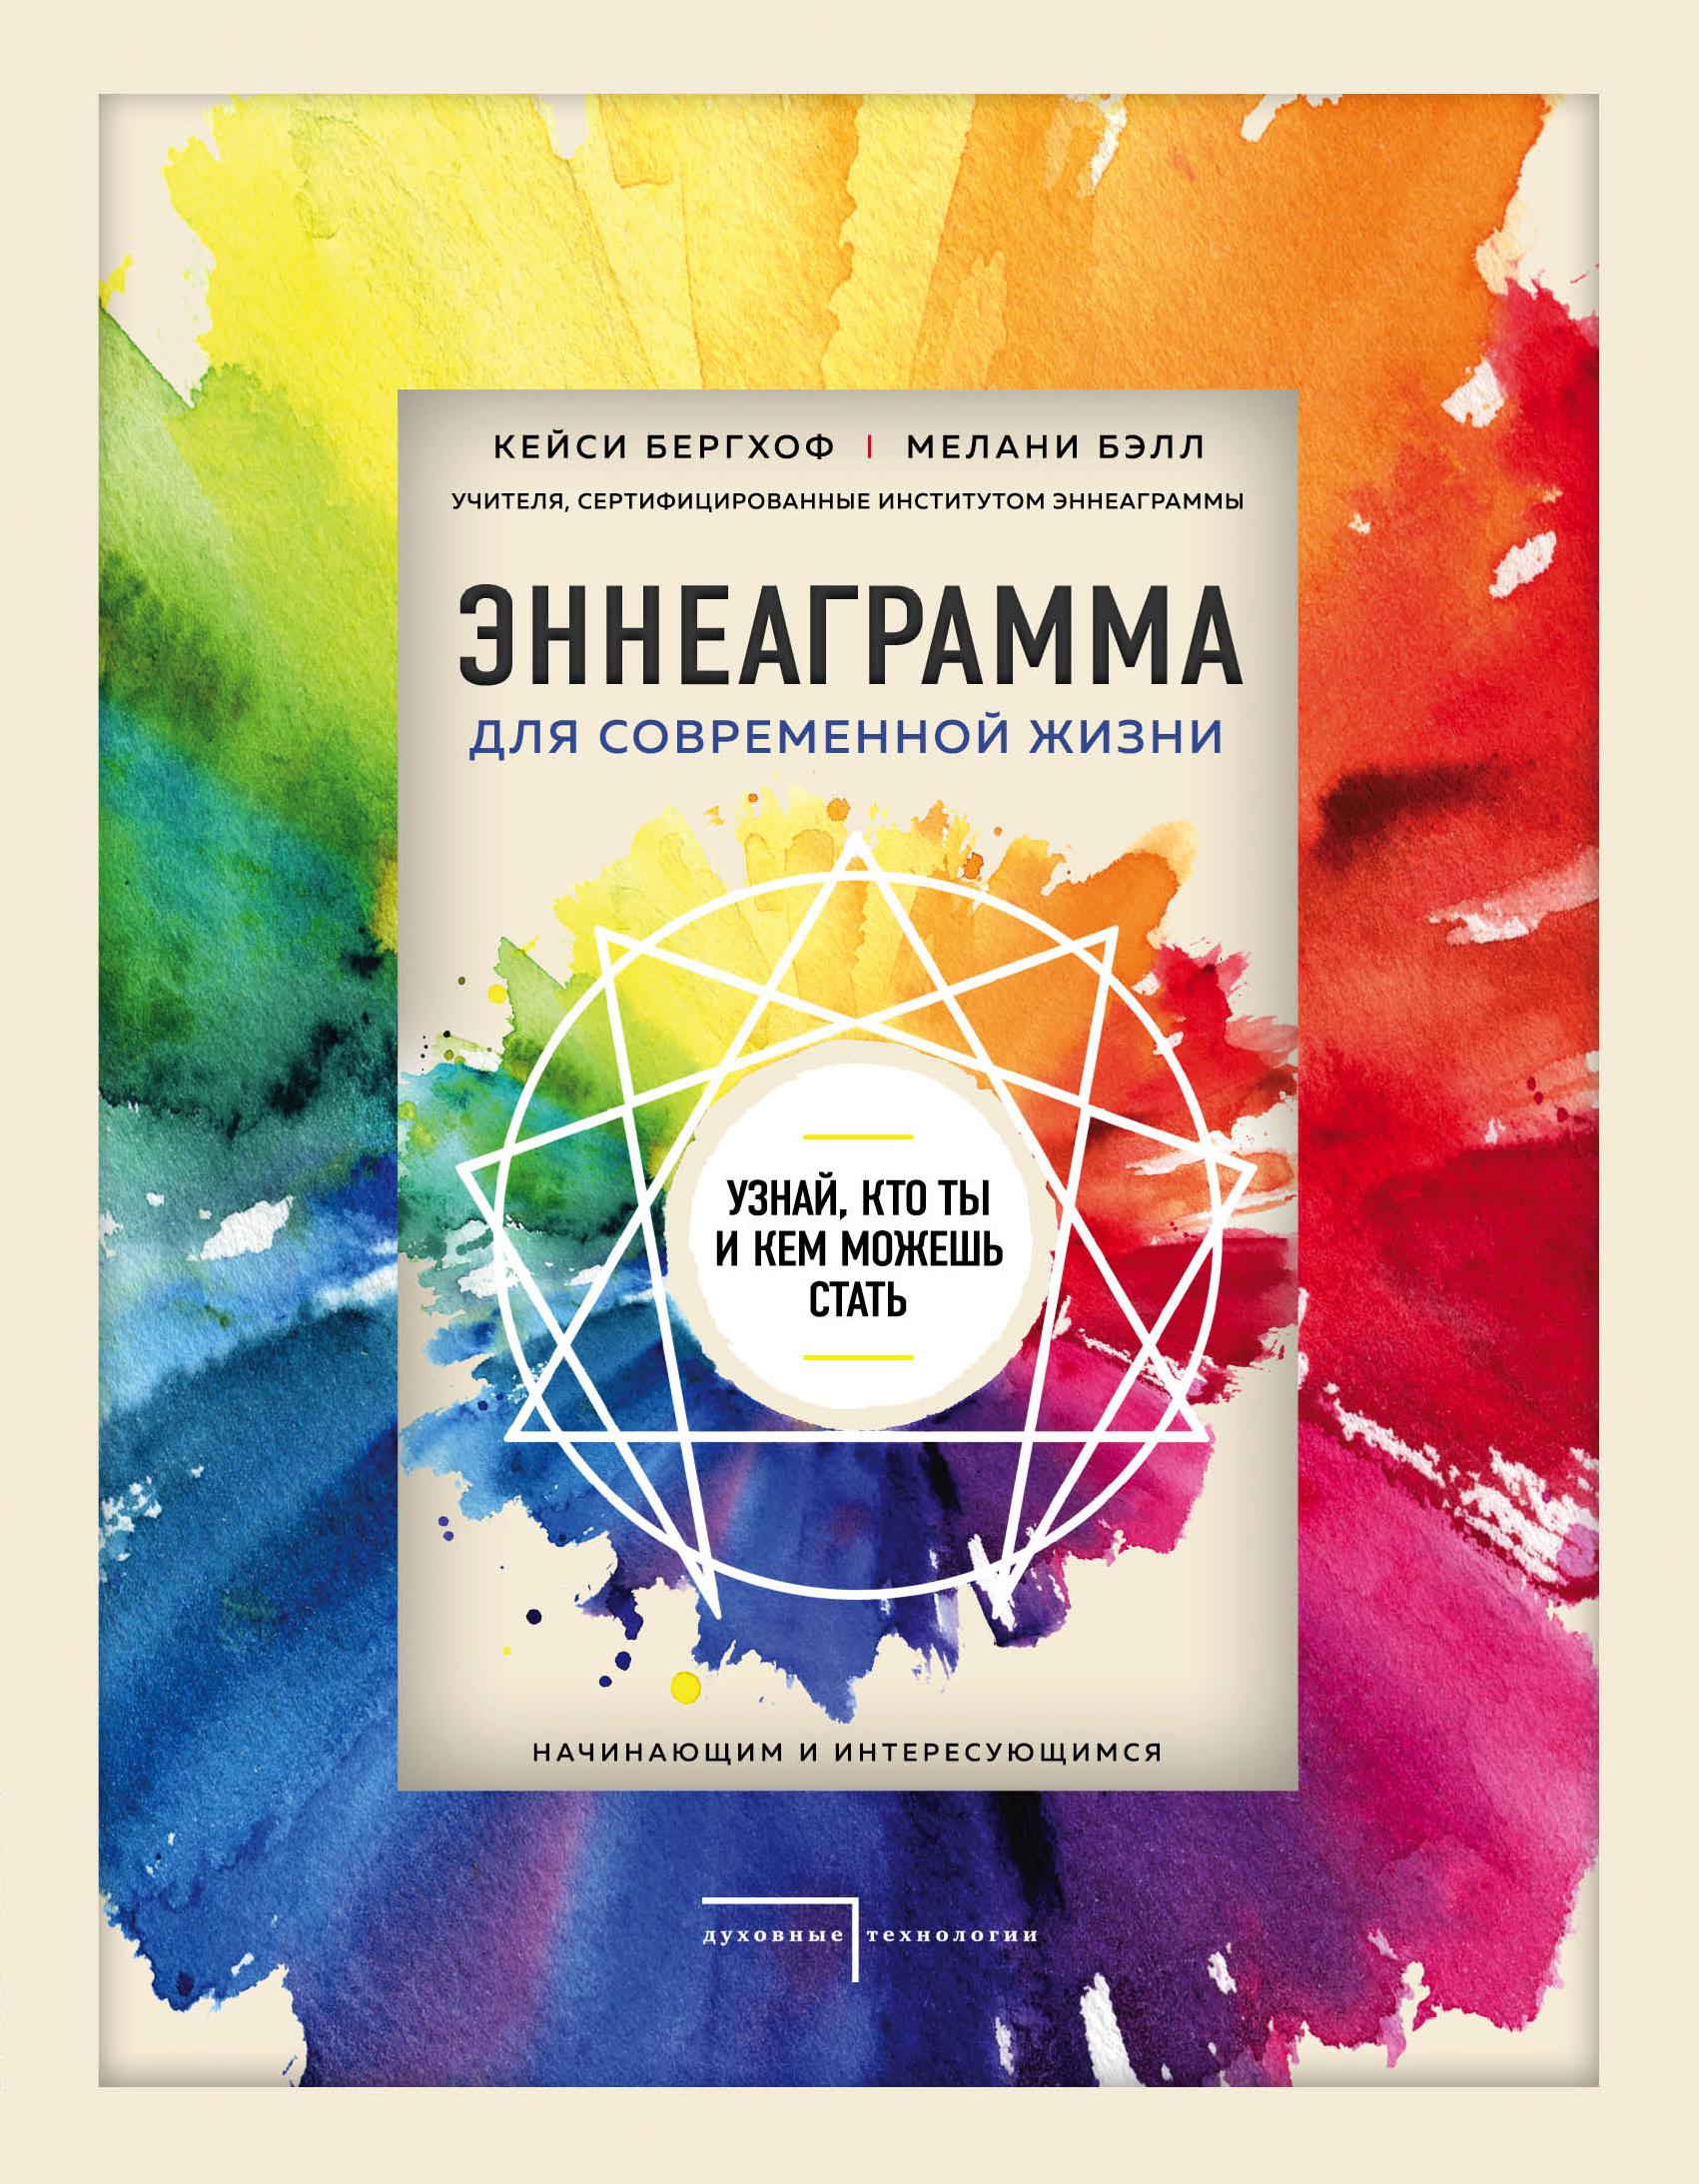 Купить книгу Эннеаграмма для современной жизни. Узнай, кто ты и кем можешь стать, автора Кейси Бергхоф